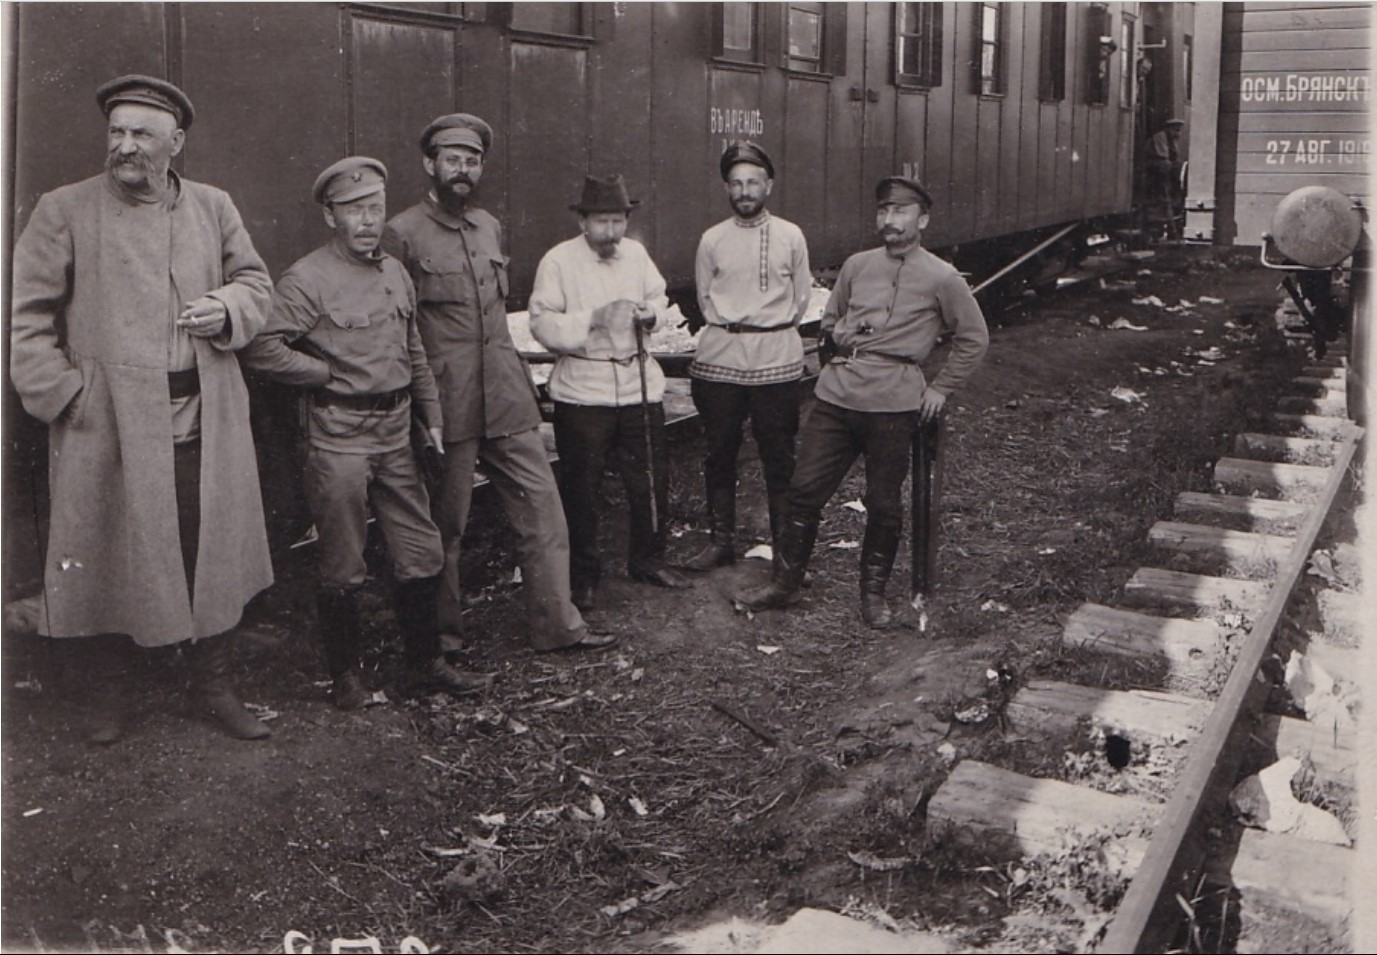 1919. Агитпоезд им.Ленина. Сокирко,Стеклов,Гуковский.Украина